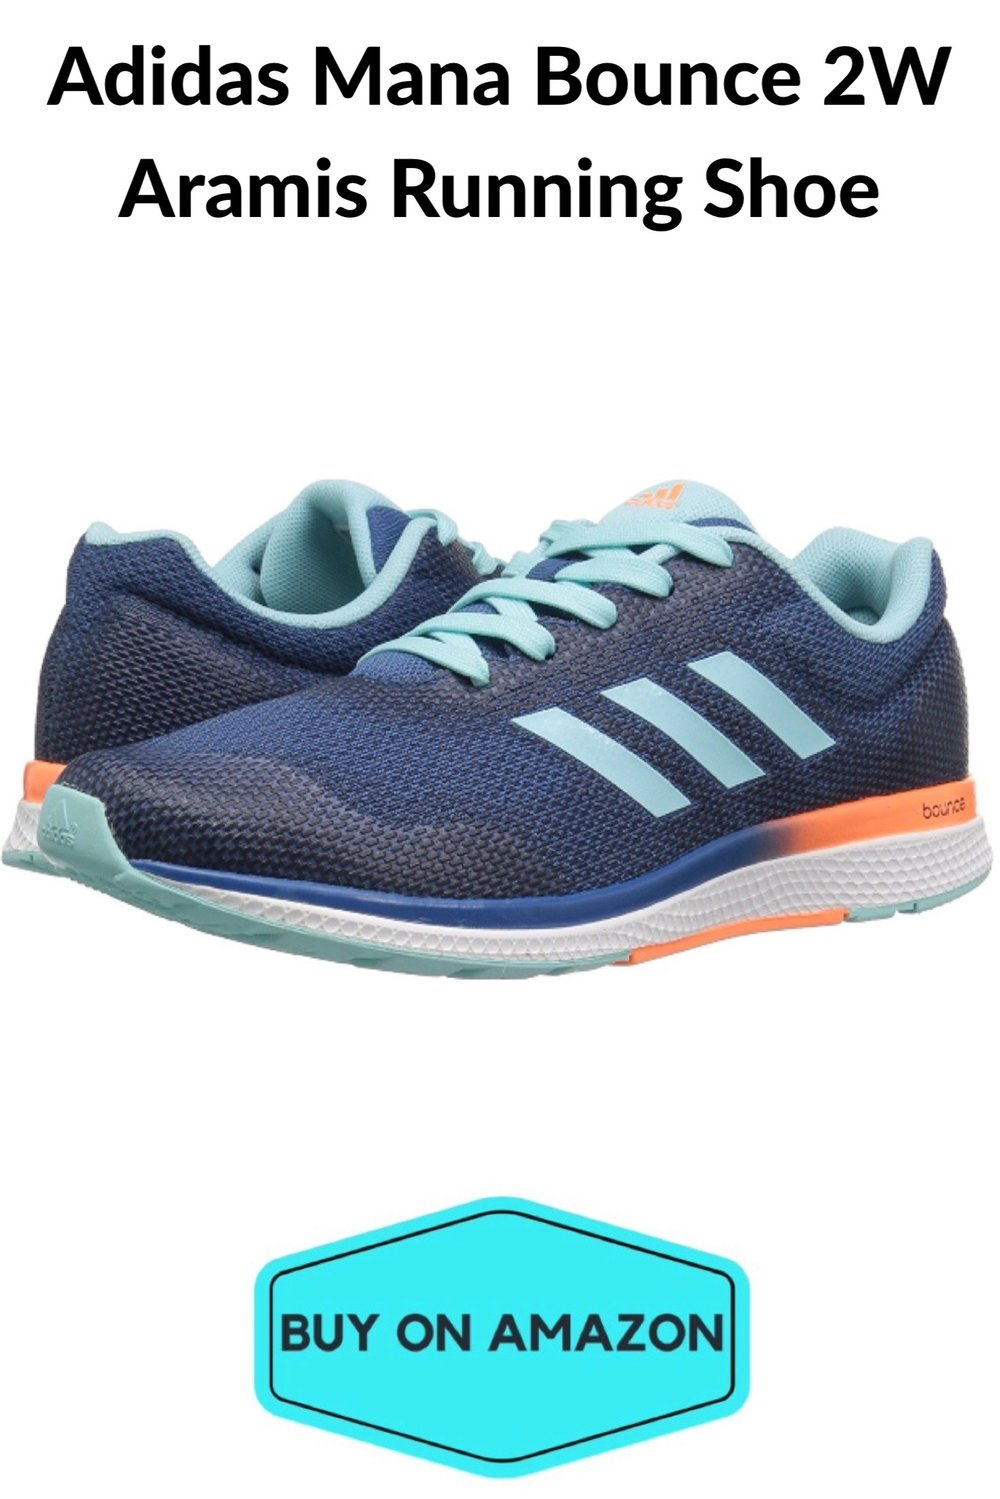 Adidas Mana Bounce 2W Aramis Women's Running Shoe